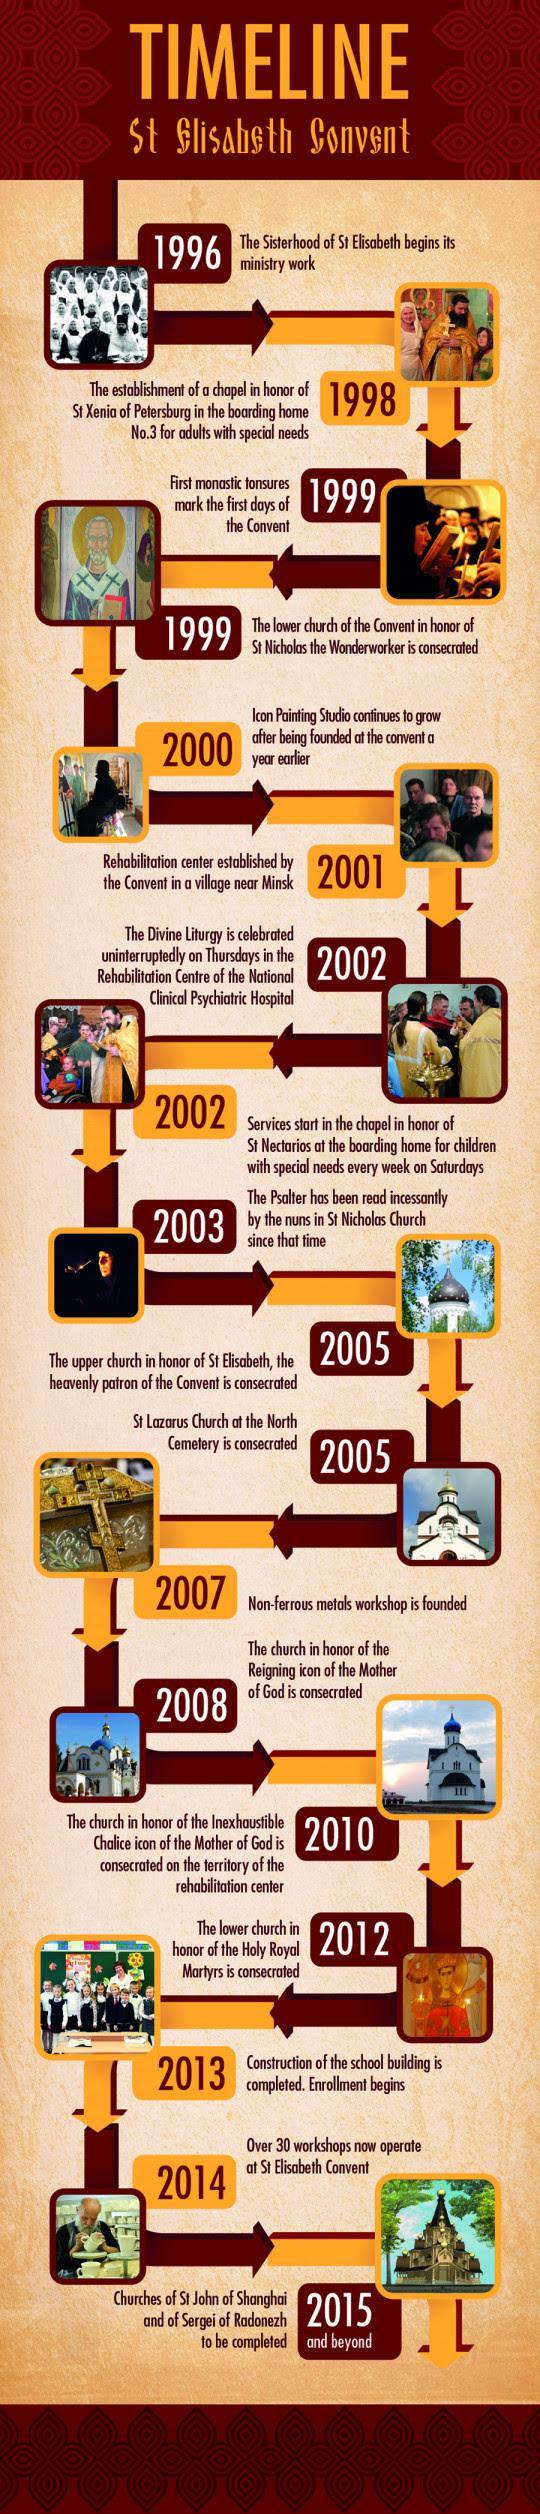 Timeline of St.Elisabeth Convent